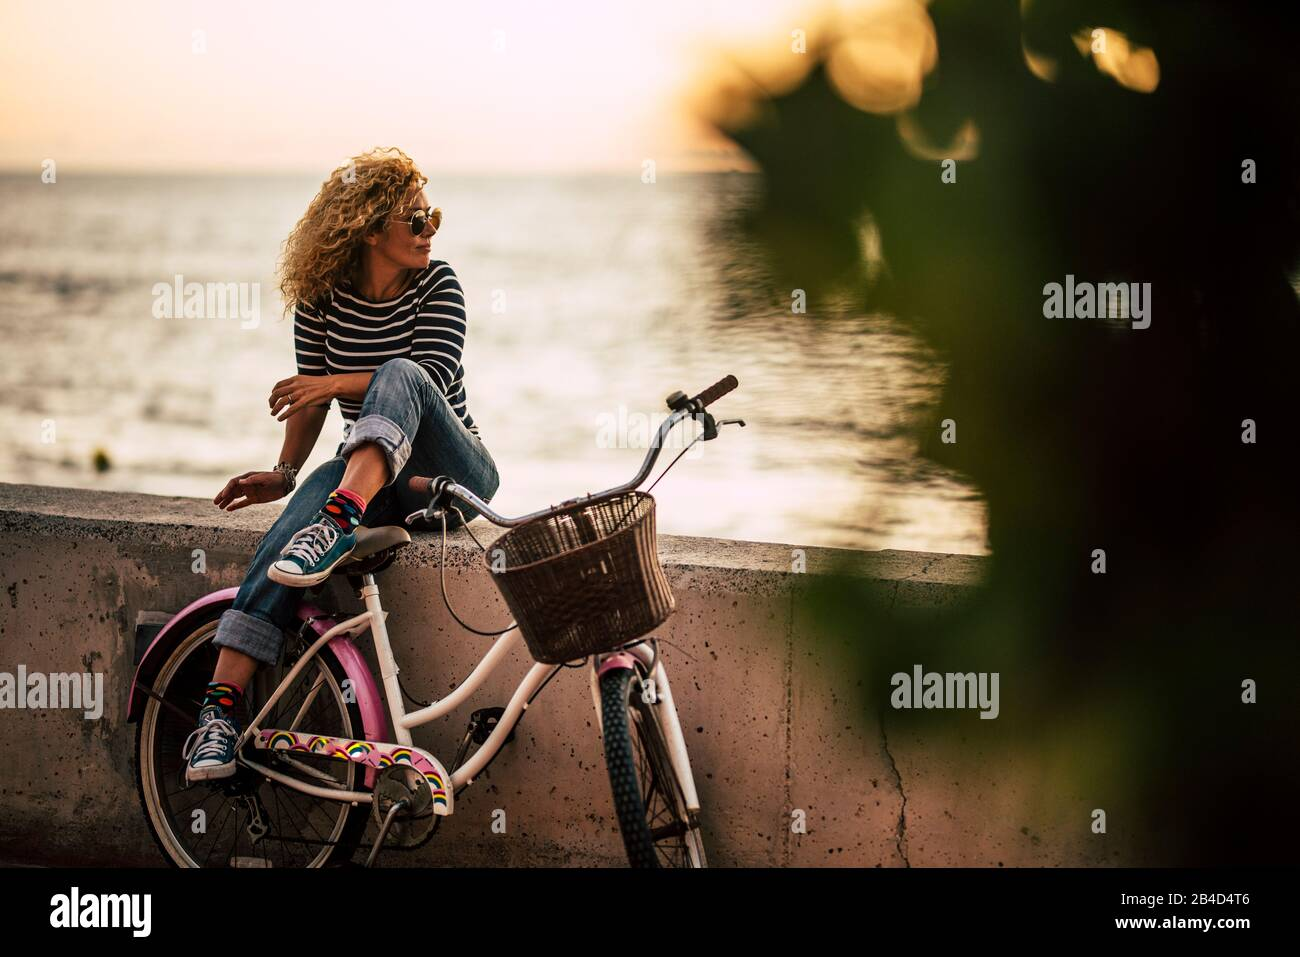 Donna caucasica adulta che gode di attività di svago all'aperto rilassante dopo un giro su una bicicletta d'epoca, seduta su un muro che guarda l'oceano - persone sane e attive lifestyle Foto Stock